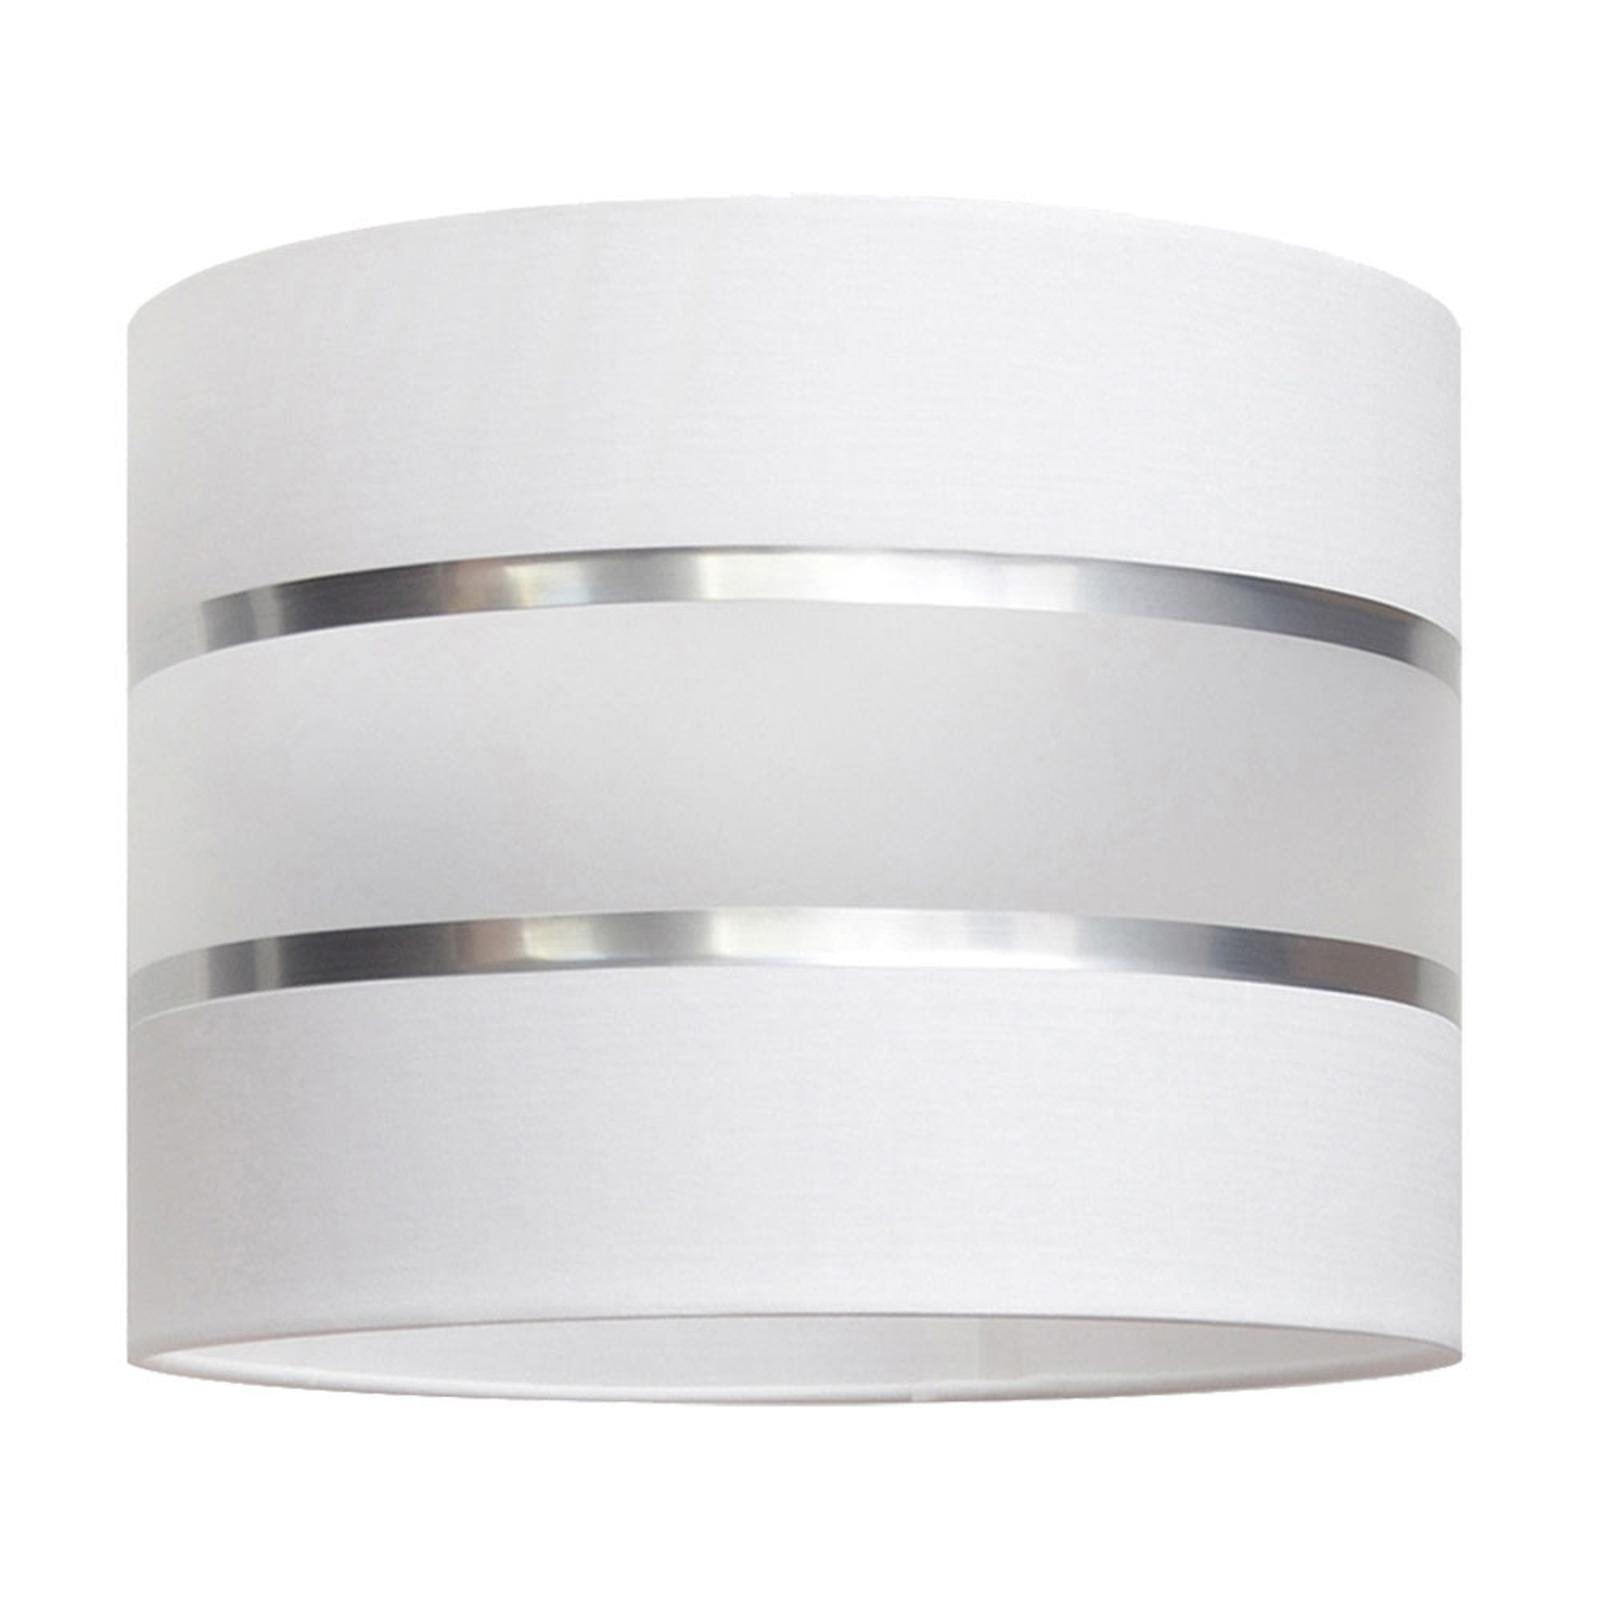 Lampenschirm Helen, Ø 20 cm, E27, weiß/silber